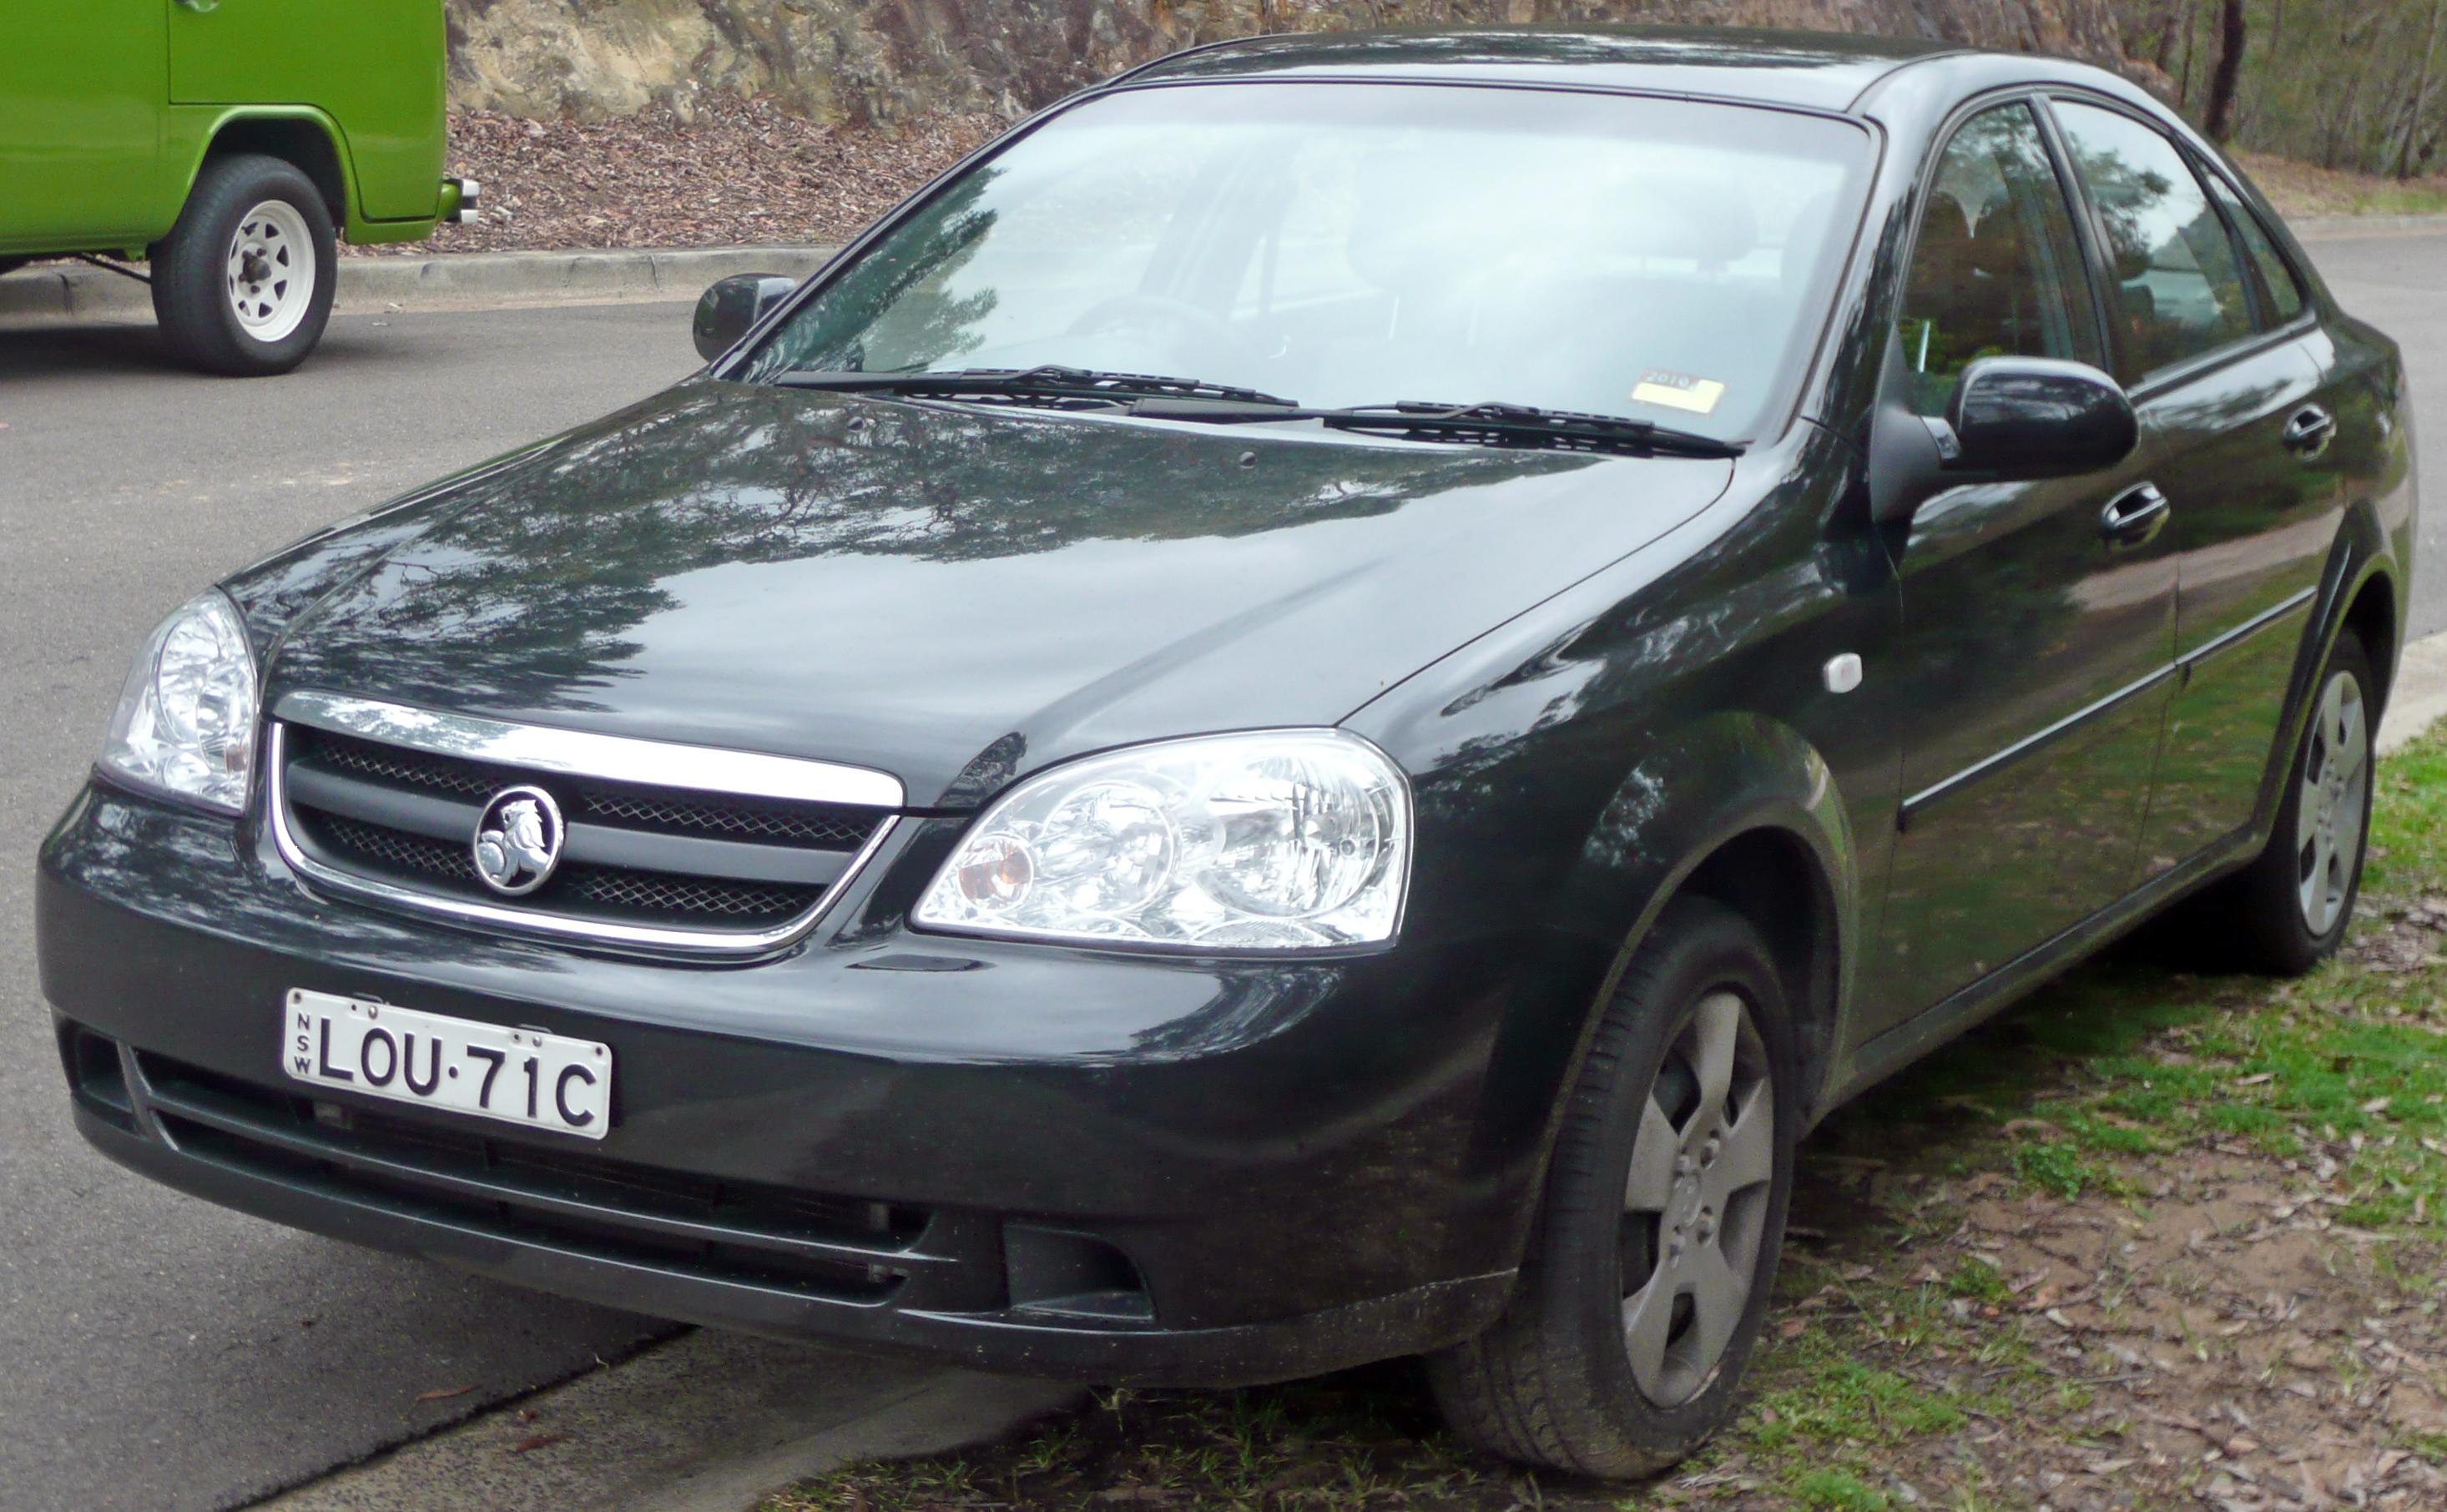 File2005 2007 holden viva jf sedan 04g wikimedia commons file2005 2007 holden viva jf sedan 04g vanachro Choice Image